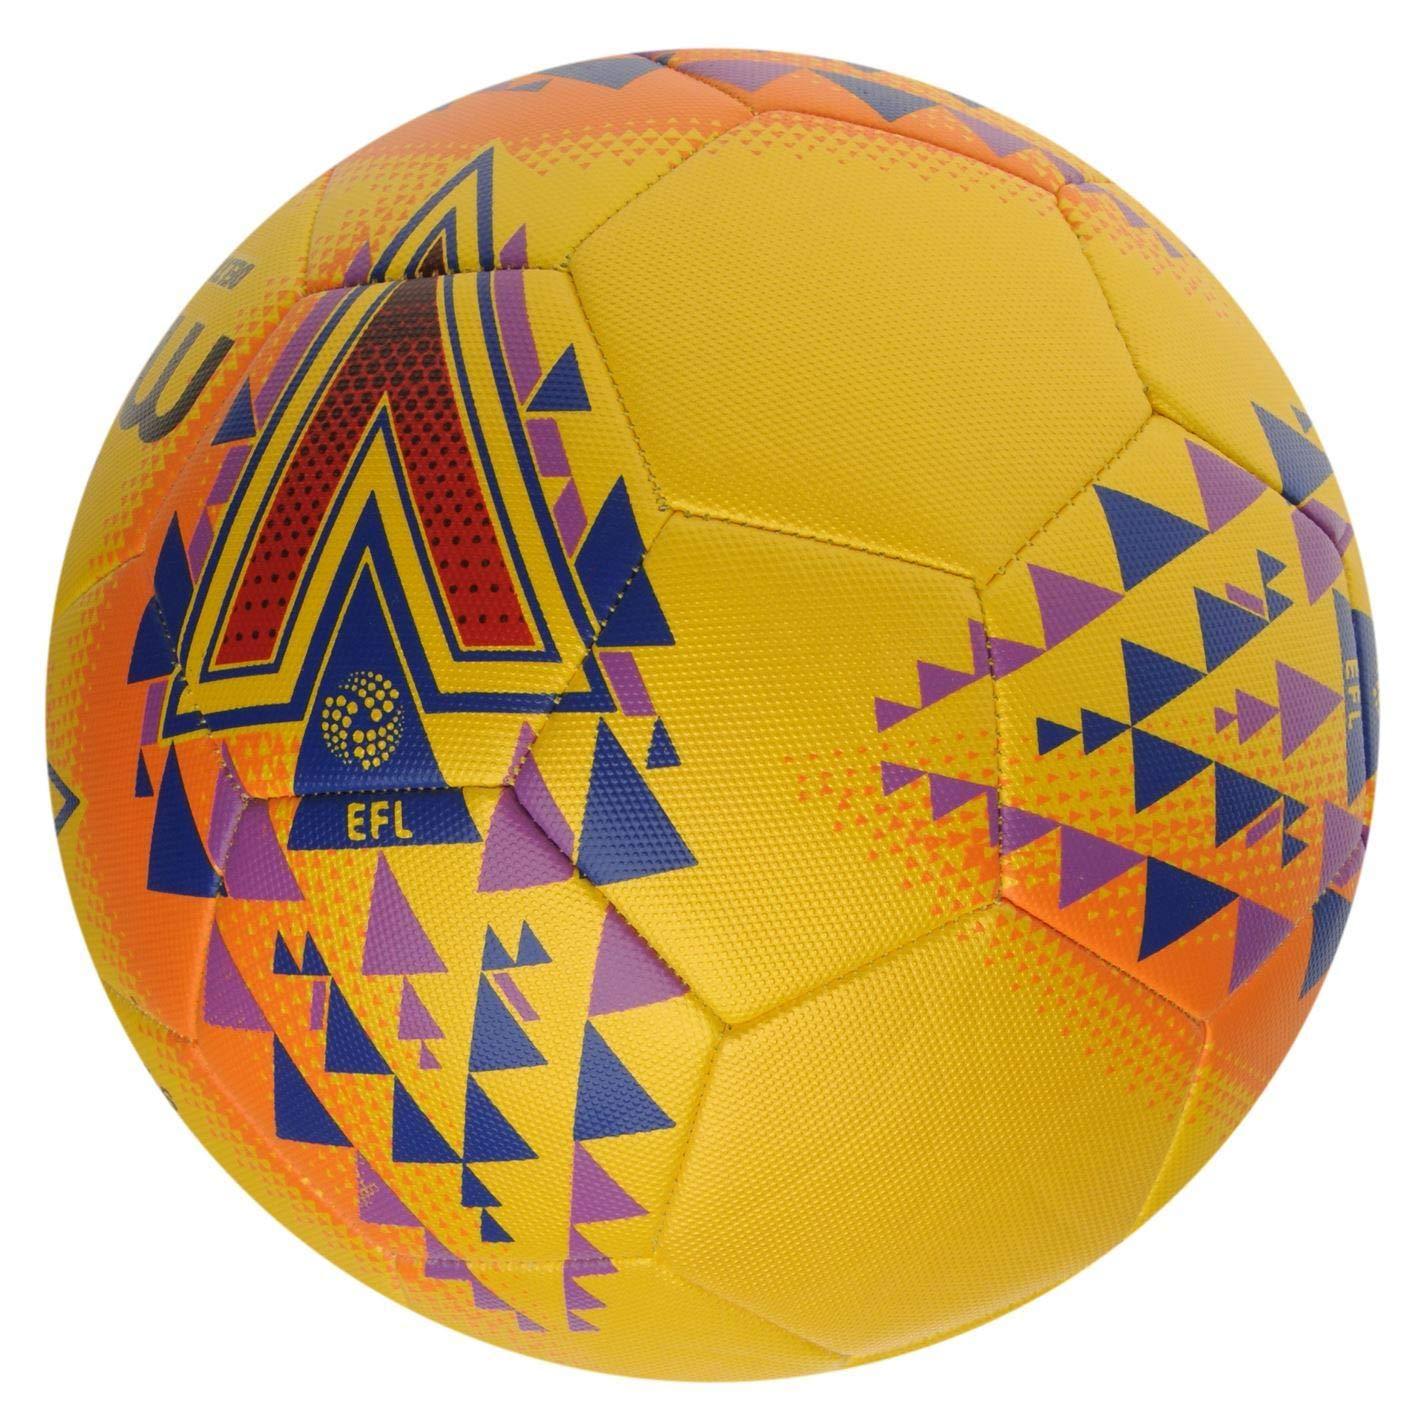 Balón de fútbol Oficial de Mitre English Football League EFL Delta ...